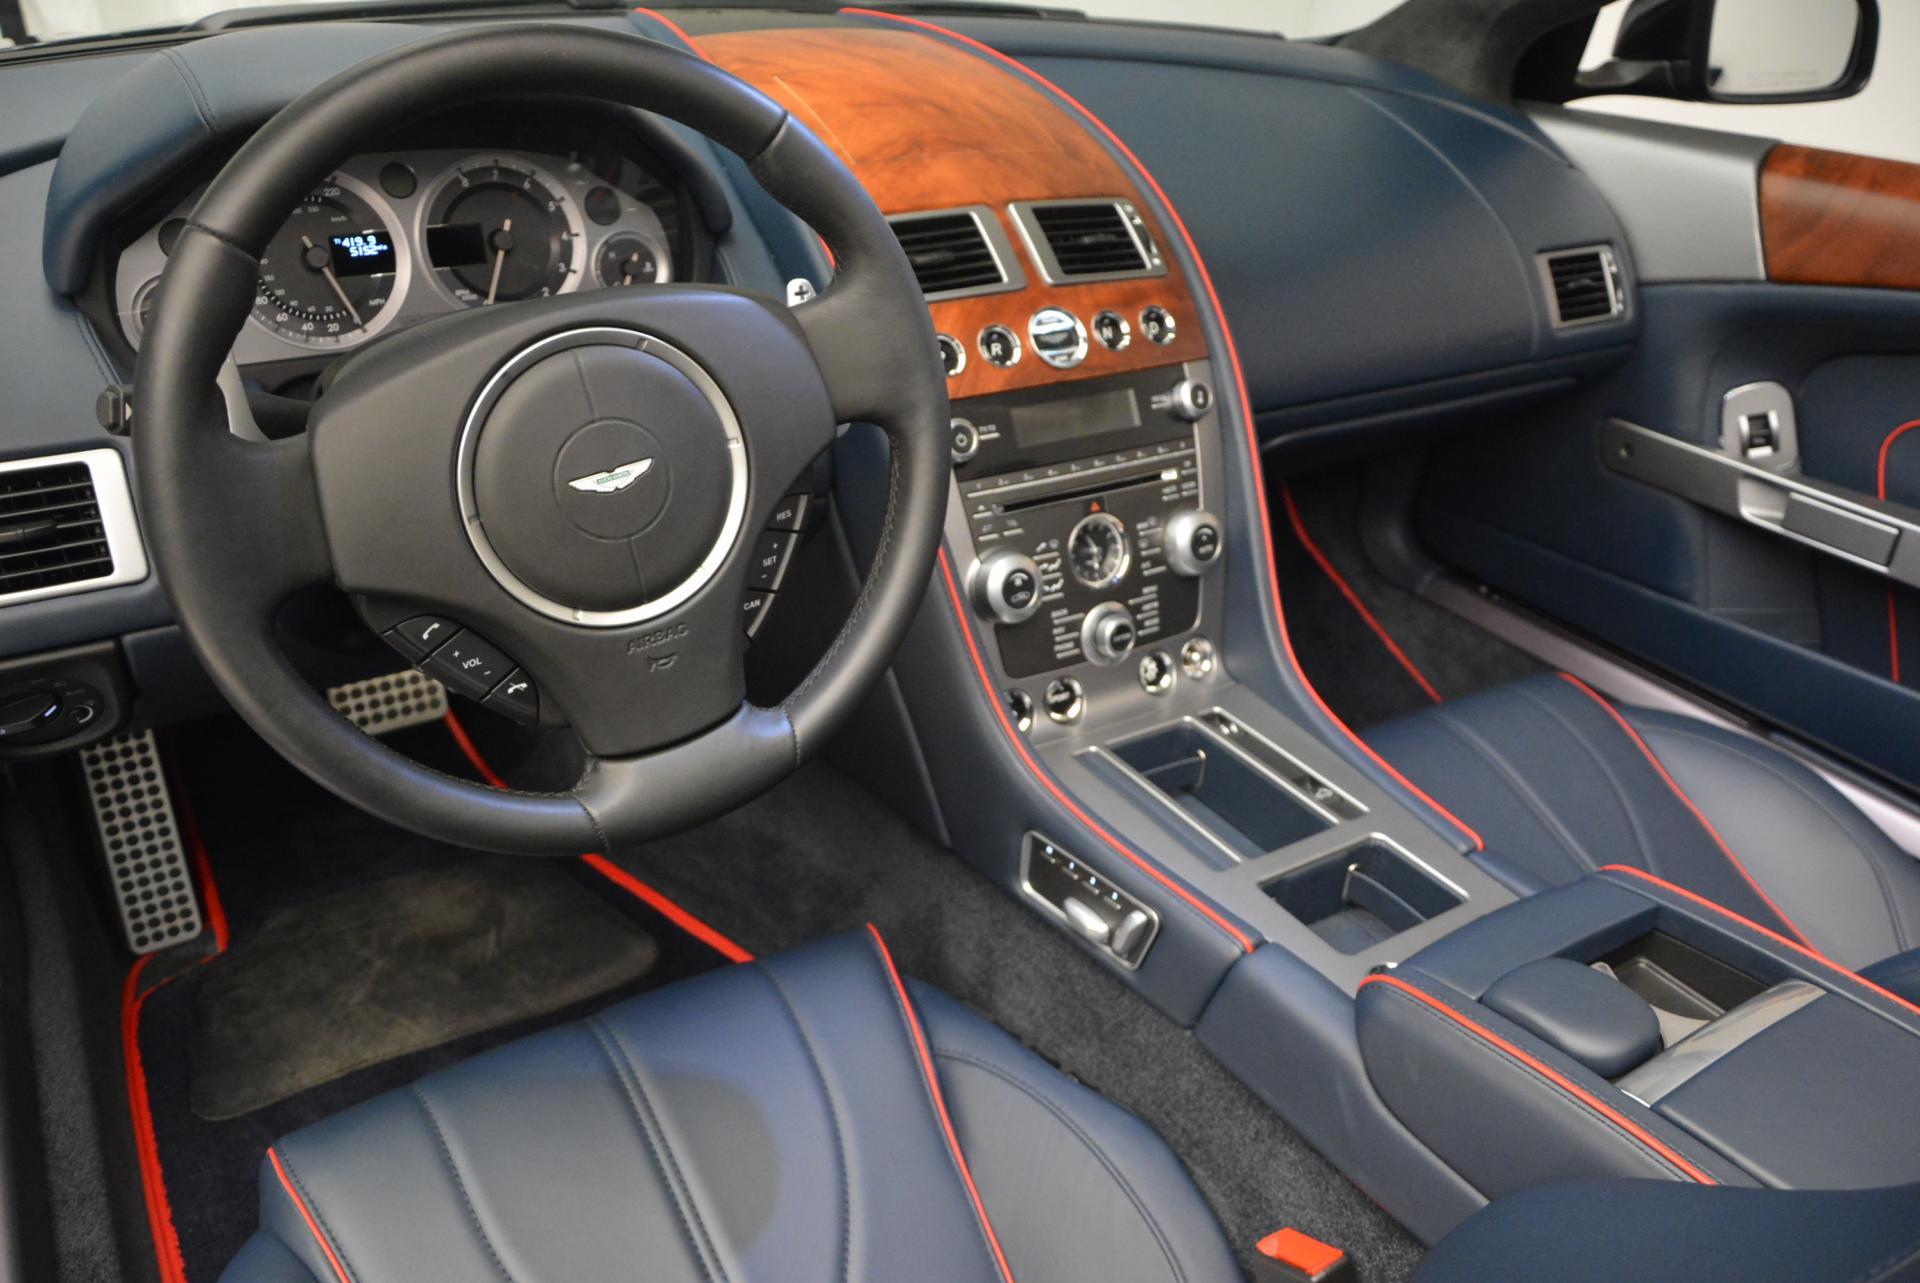 Used 2014 Aston Martin DB9 Volante For Sale In Greenwich, CT 519_p14